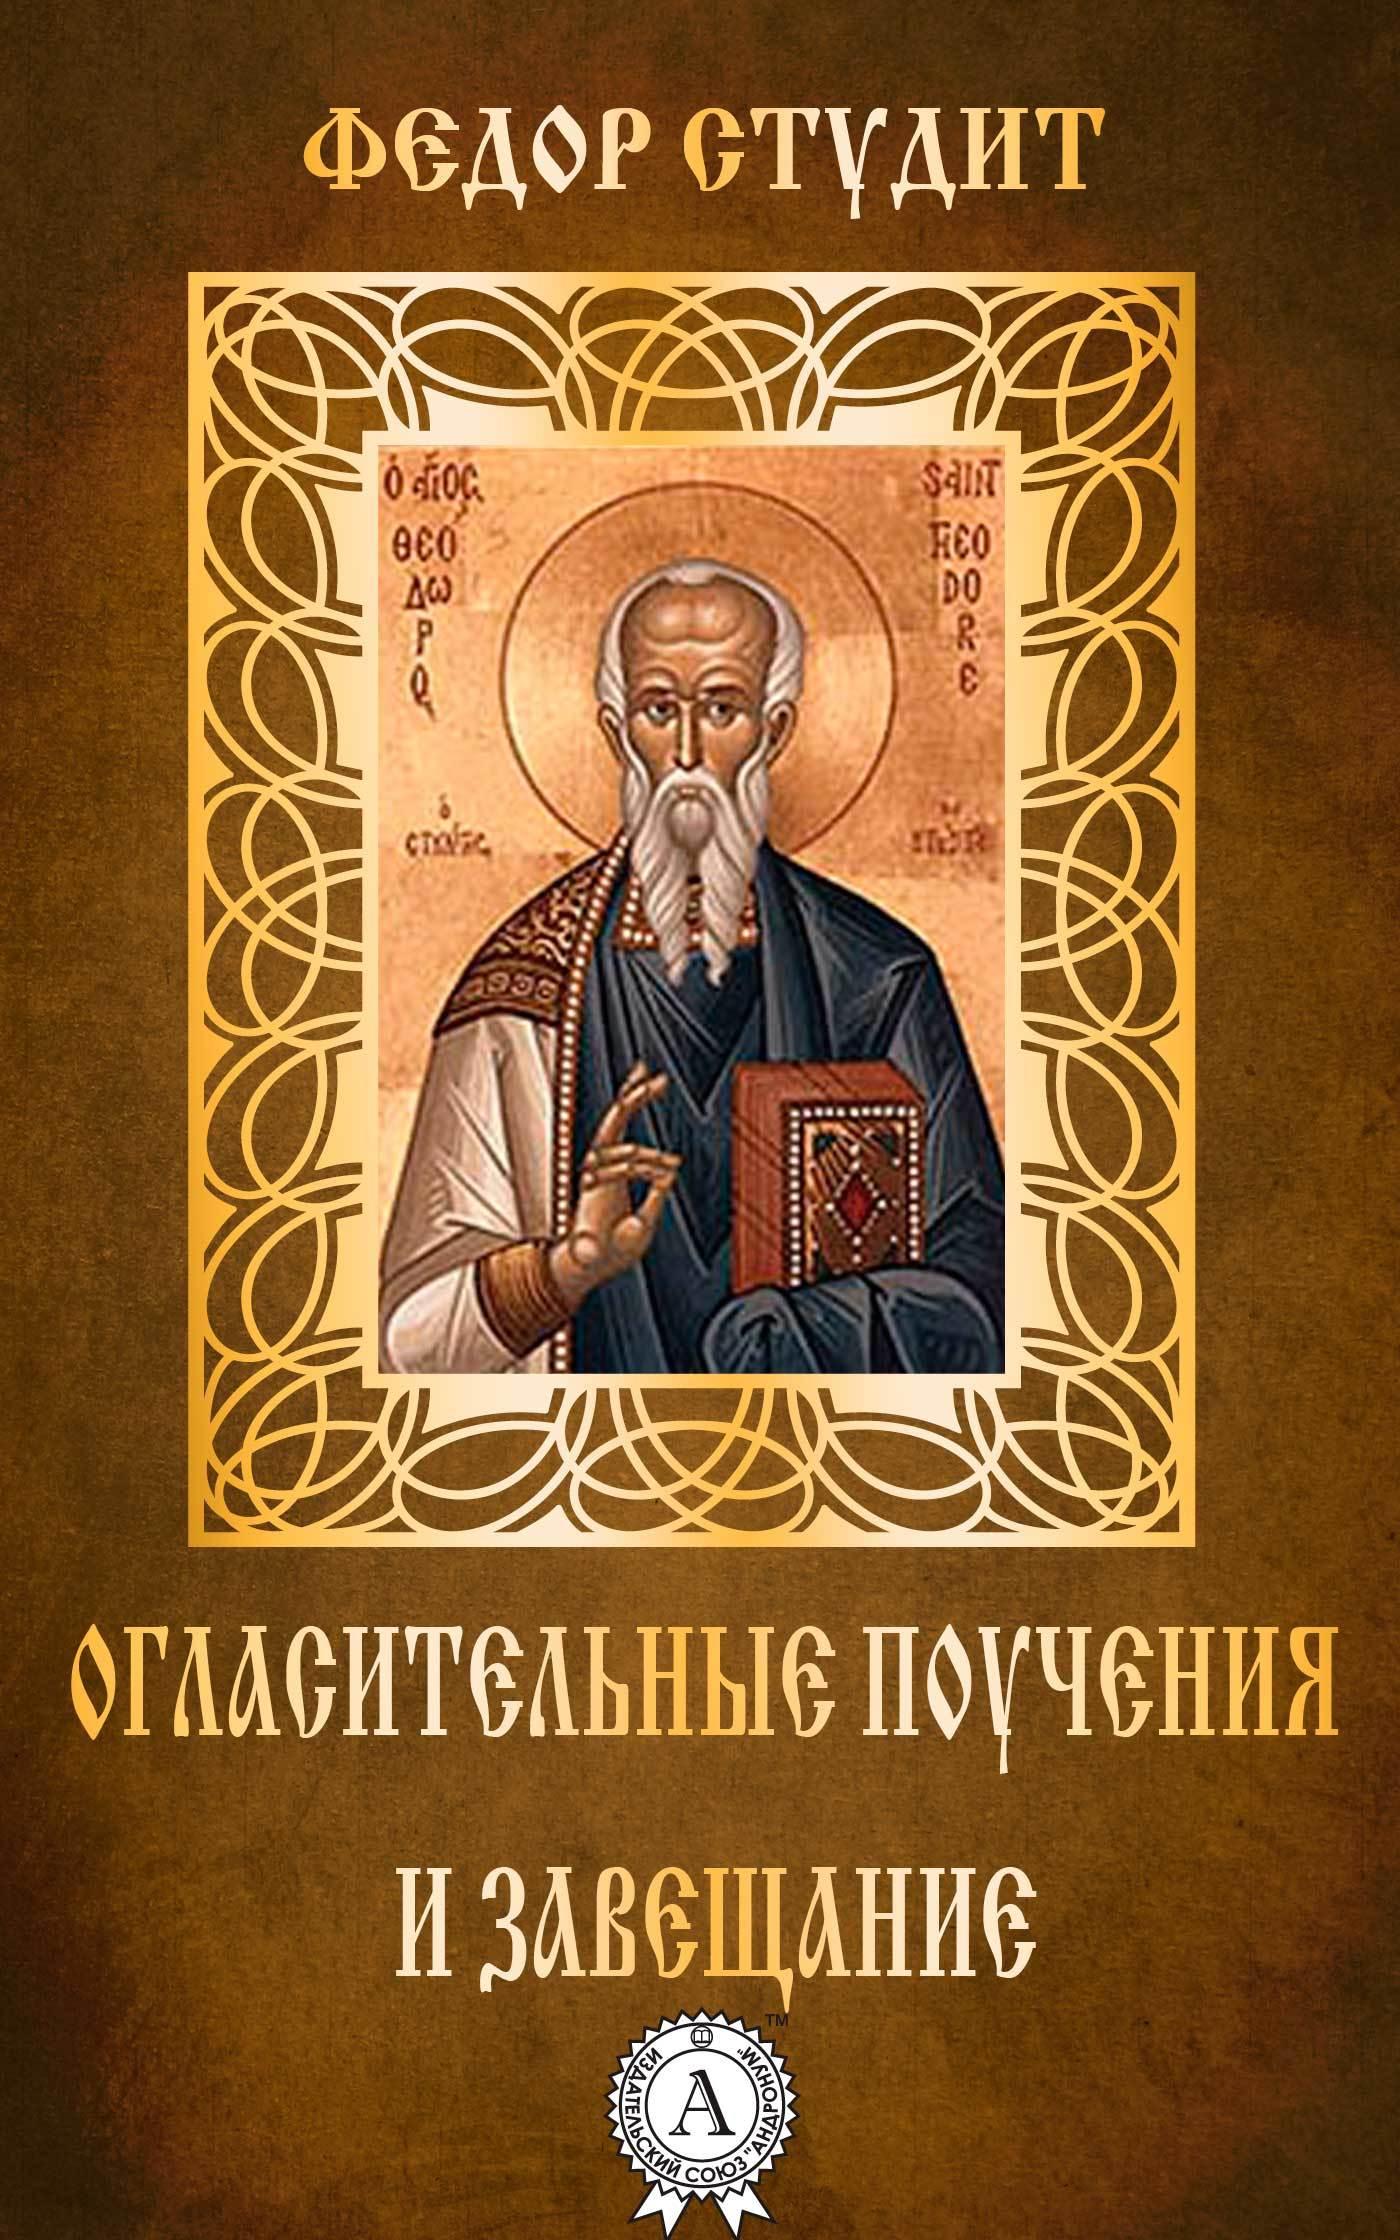 цена на преподобный Федор Студит Огласительные поучения и завещание